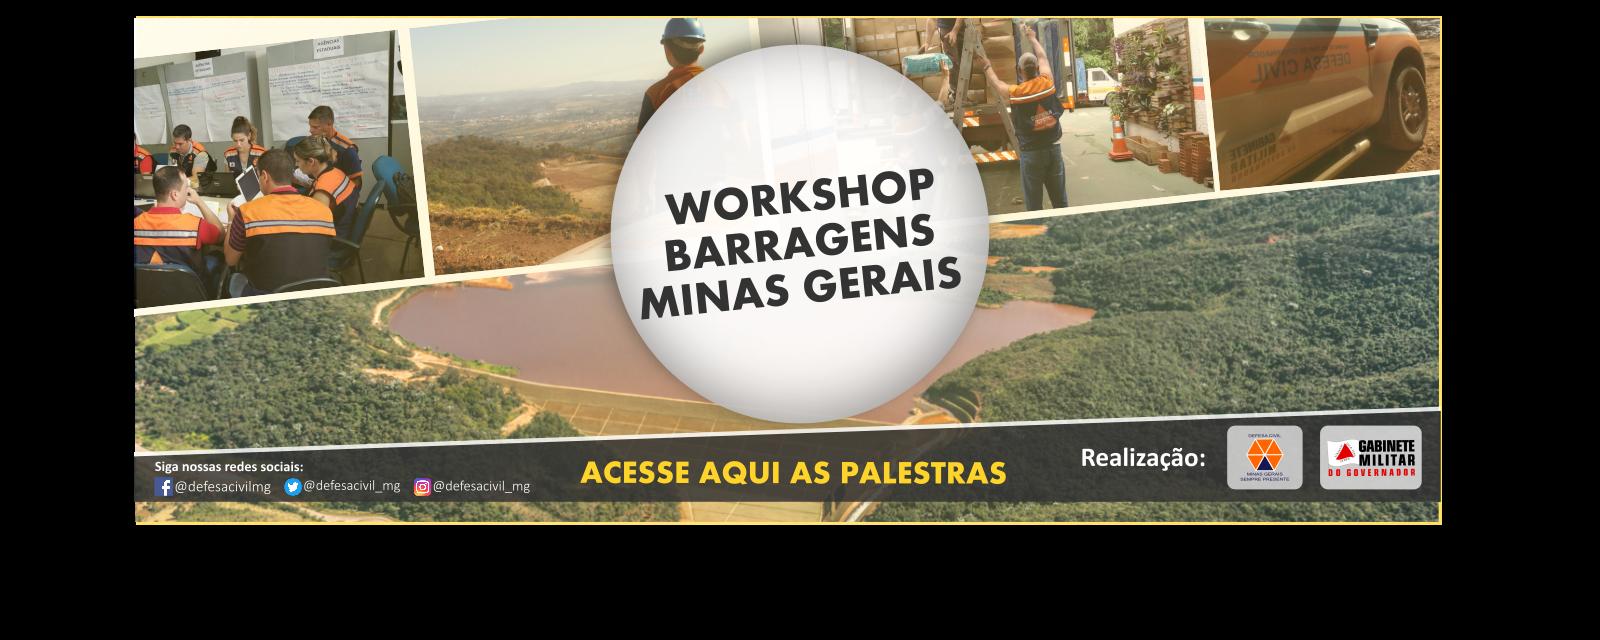 Palestras WorkShop Barragem 2019